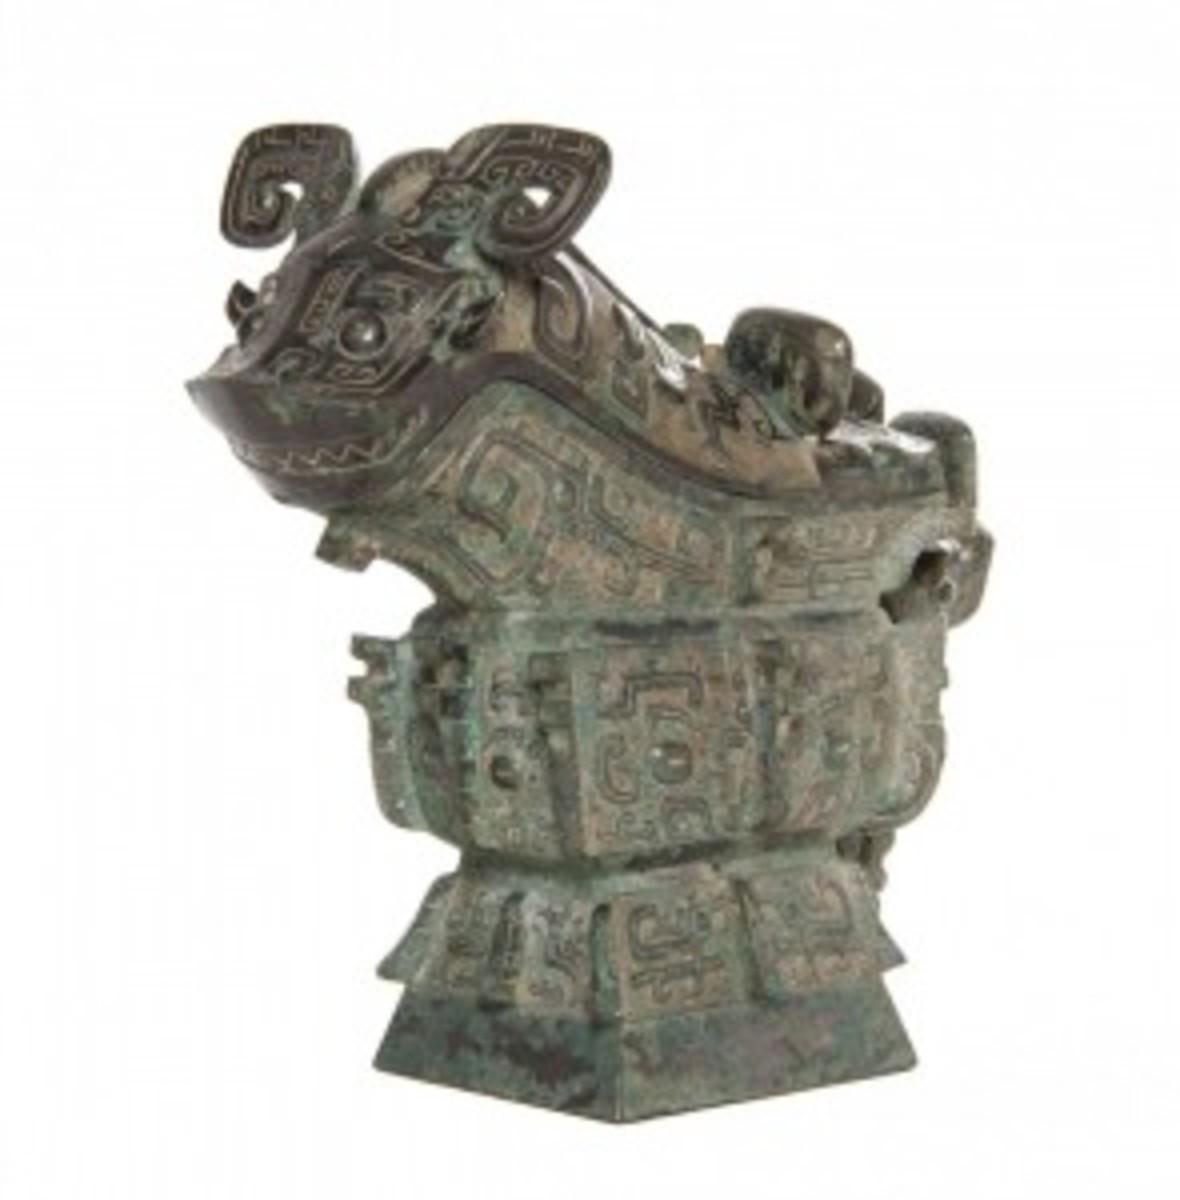 Ritual gong vessel